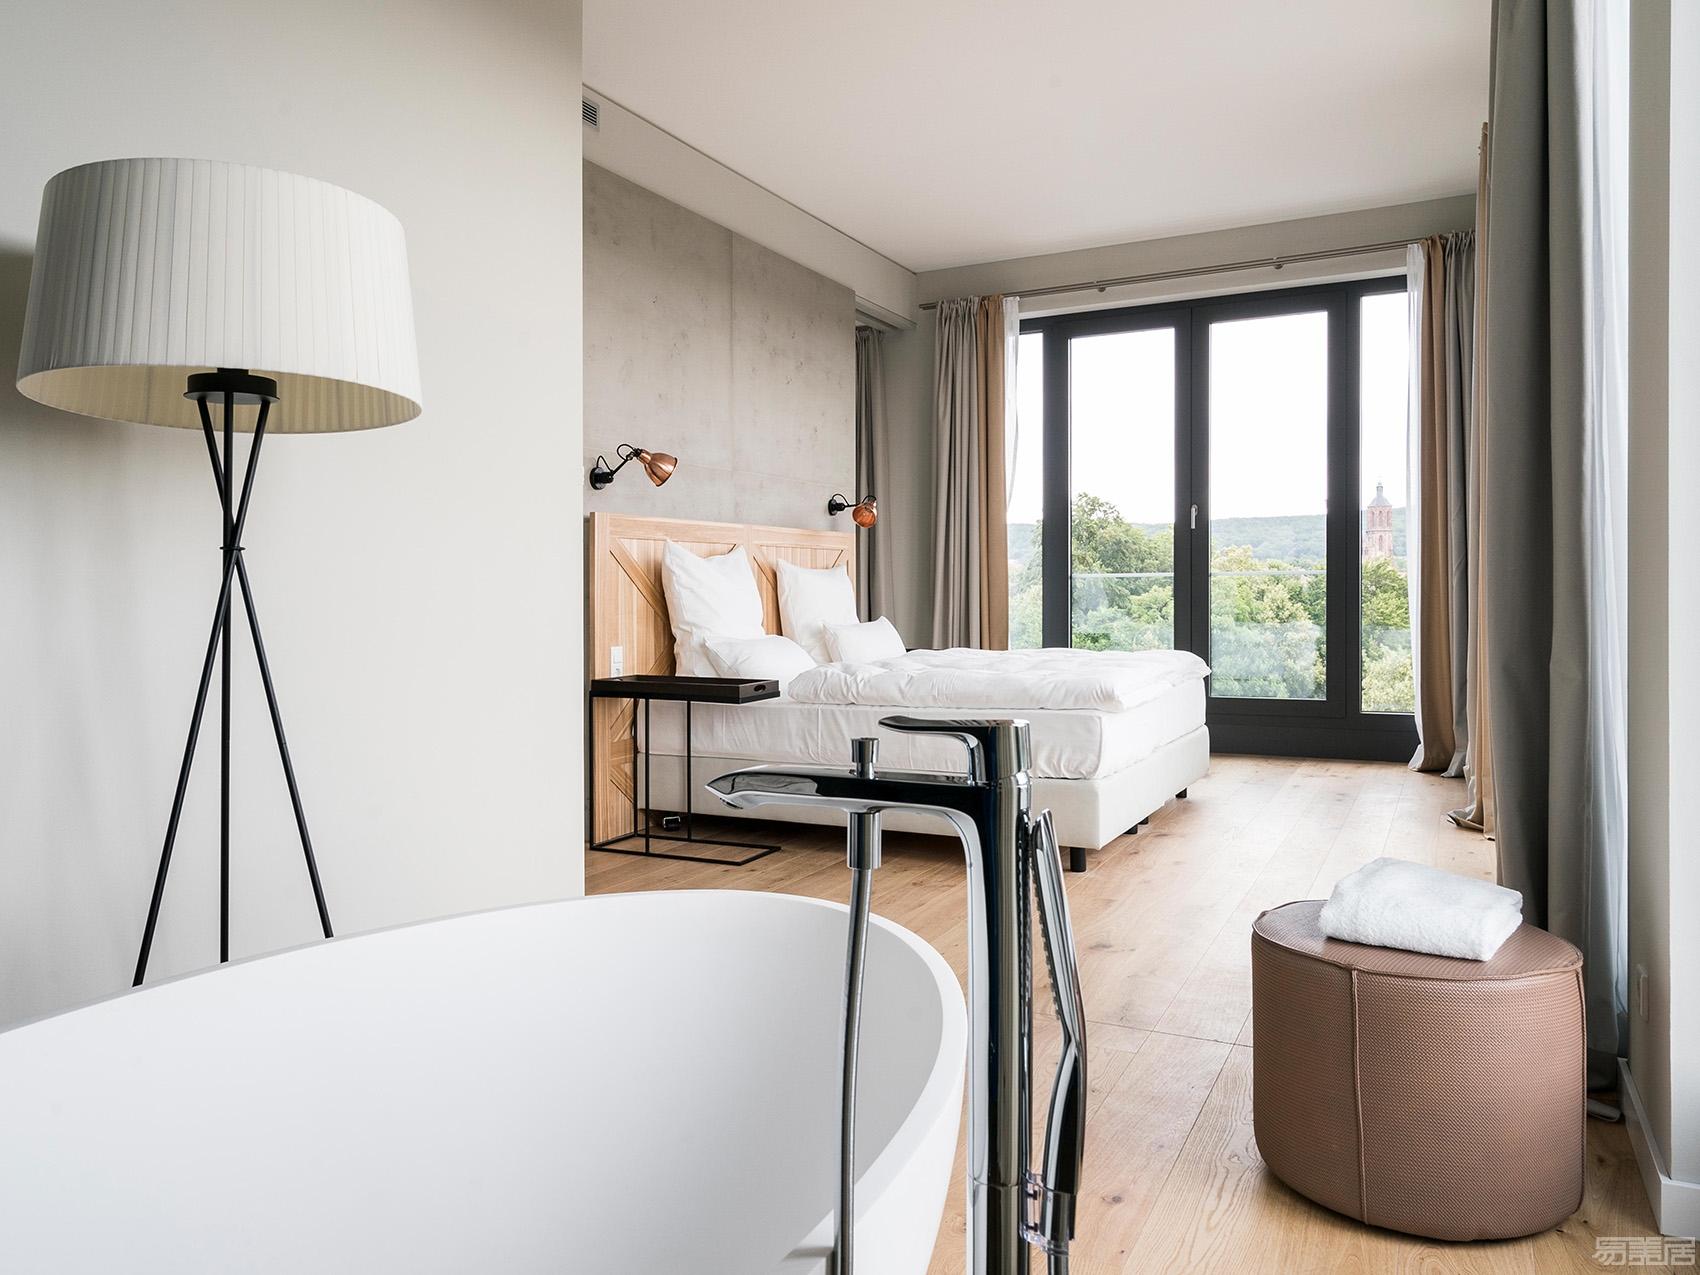 014-hotel-freigeist-gottingen-by-ahrens-grabenhorst-architekten-frank-kassner.jpg